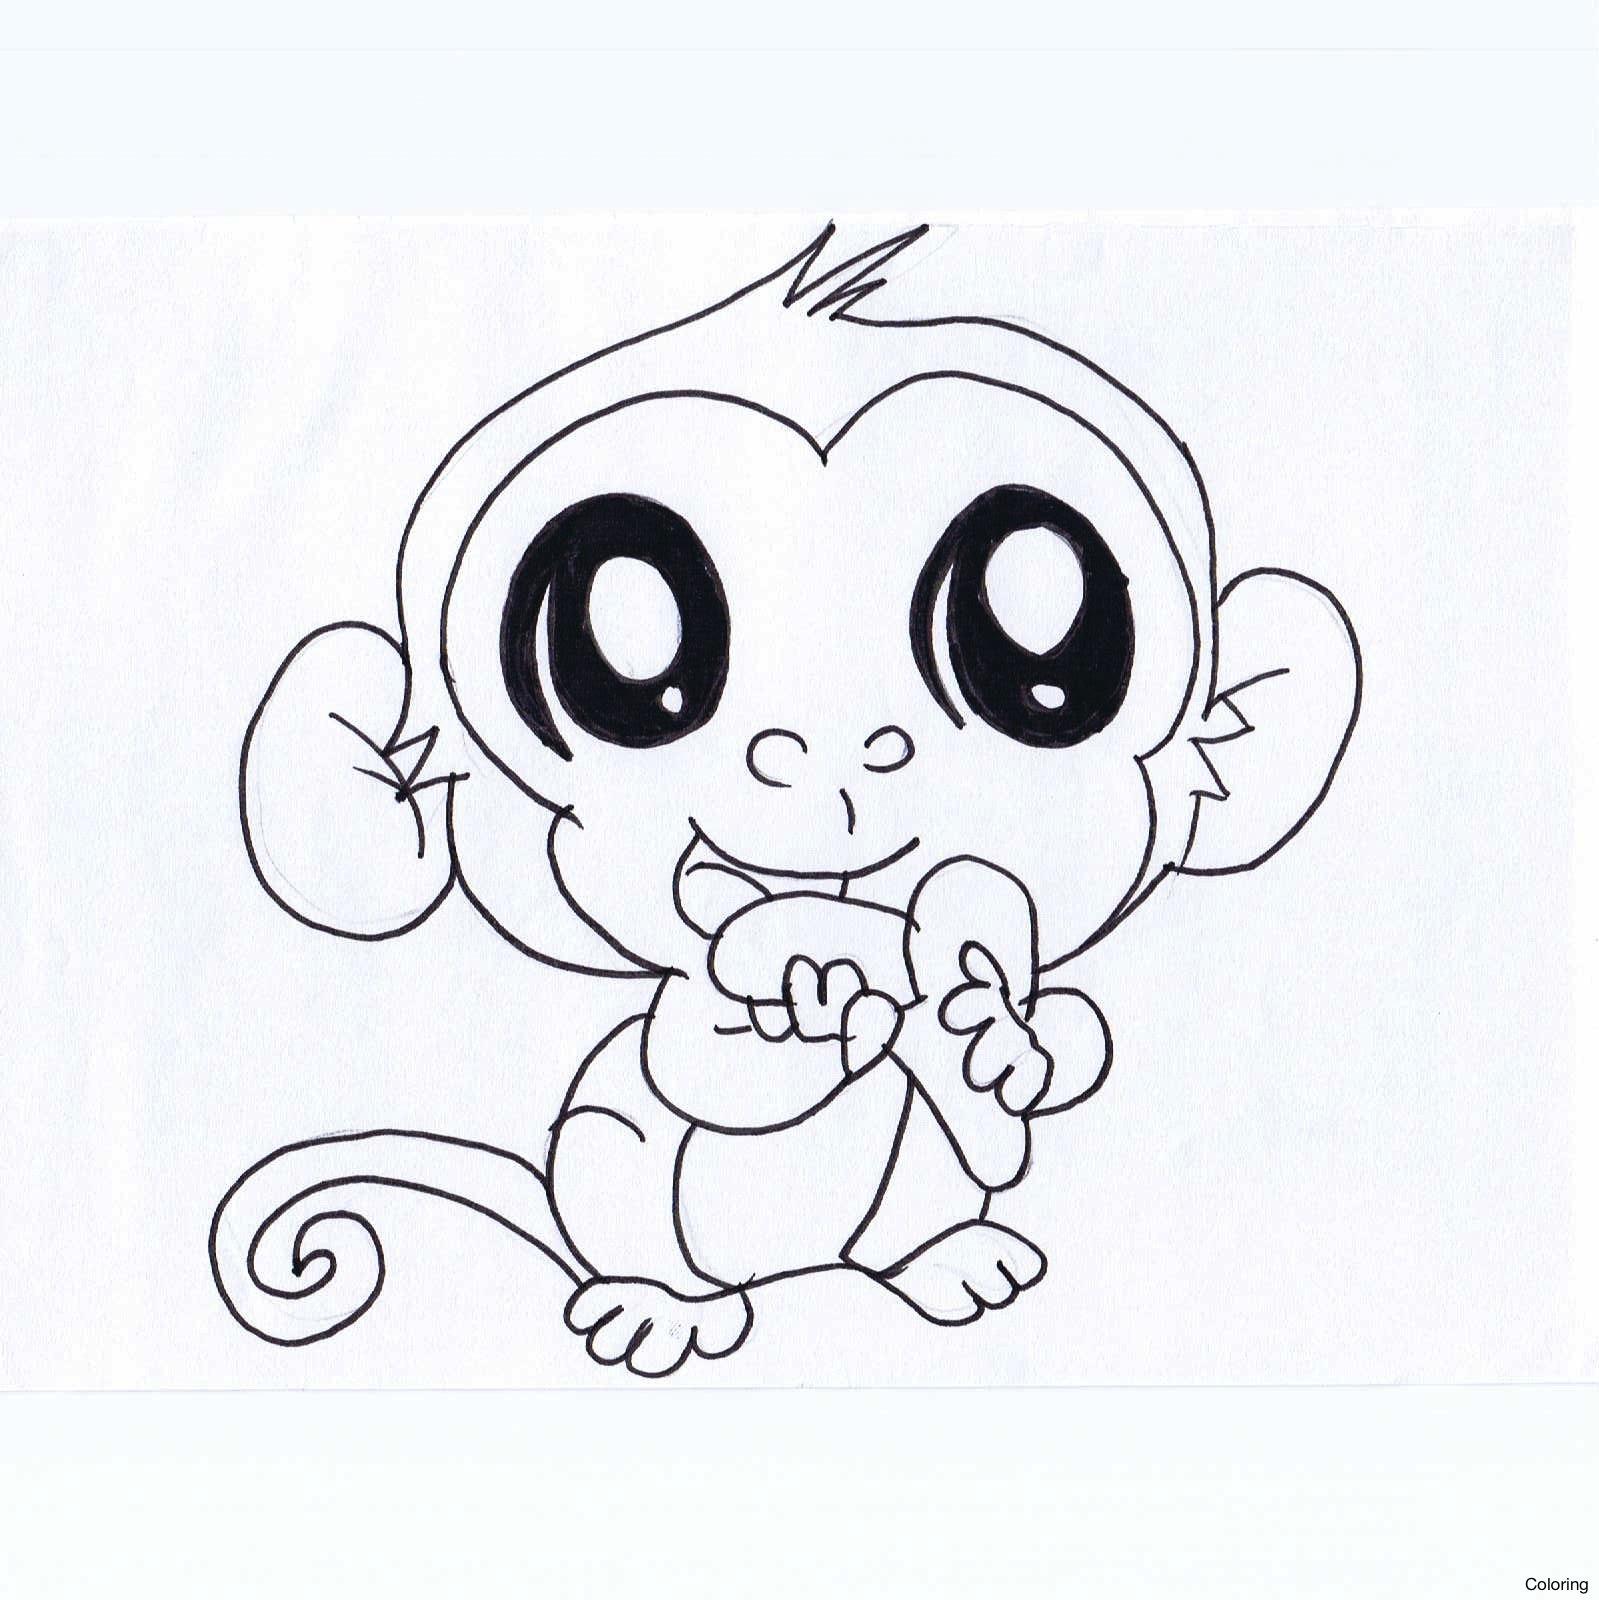 1599x1600 Cute Drawings Of Monkeys Monkey Drawing Free Download Clip Art